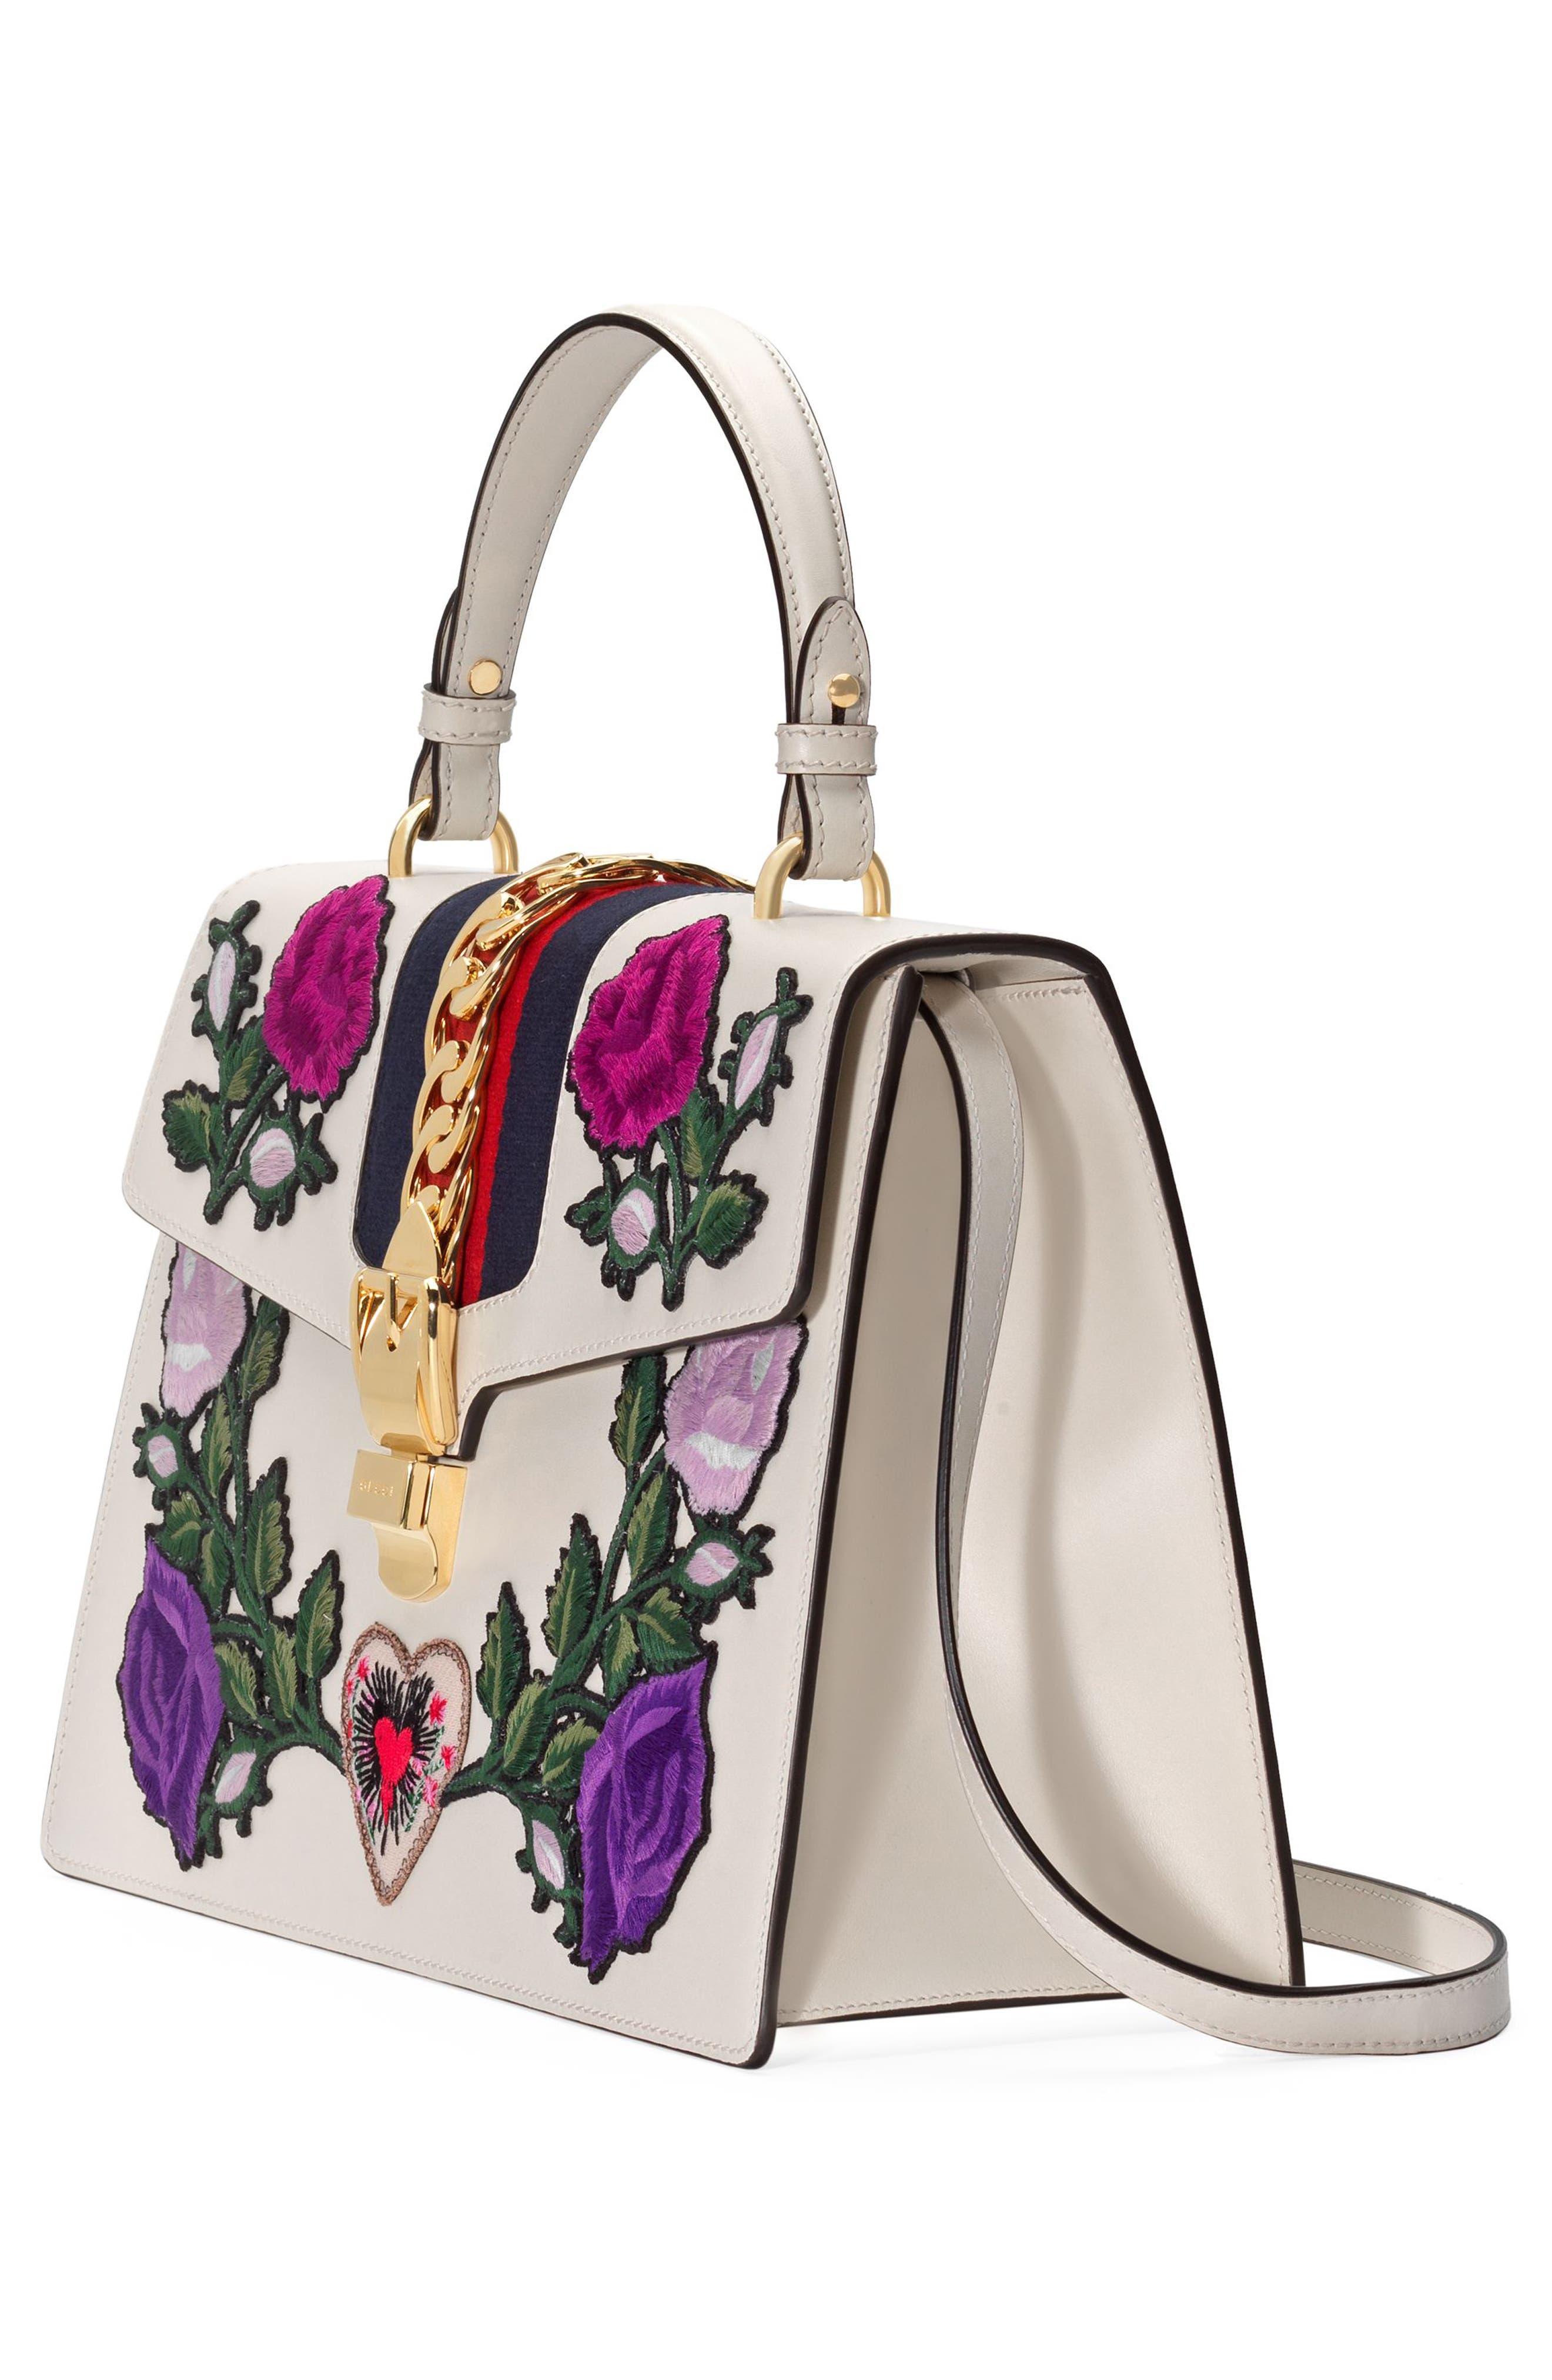 Medium Sylvie Floral Patch Top Handle Leather Shoulder Bag,                             Alternate thumbnail 2, color,                             176